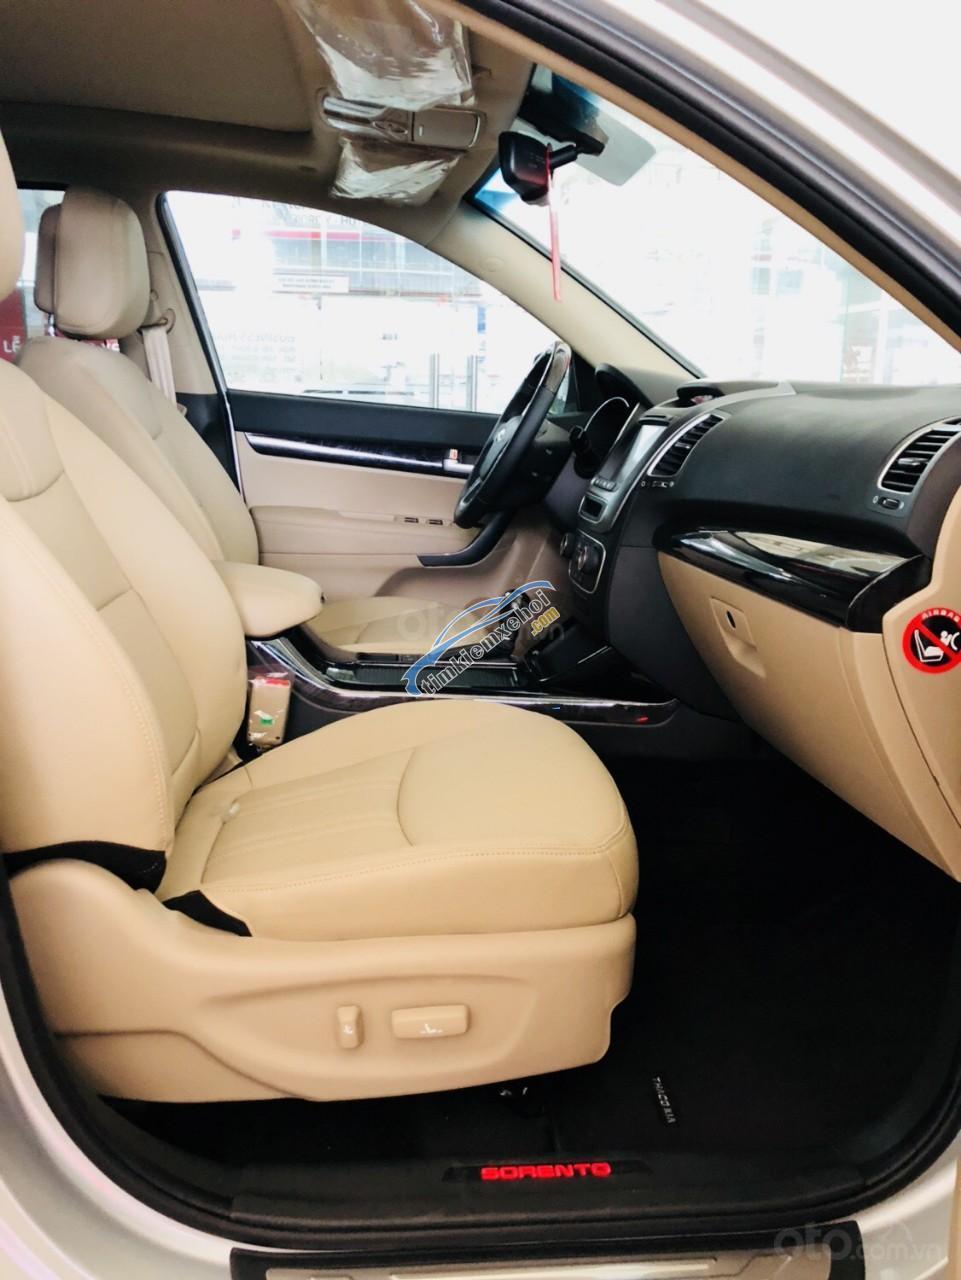 Bán Sorento 2019 giá tốt nhất toàn quốc, xe vừa nhập kho